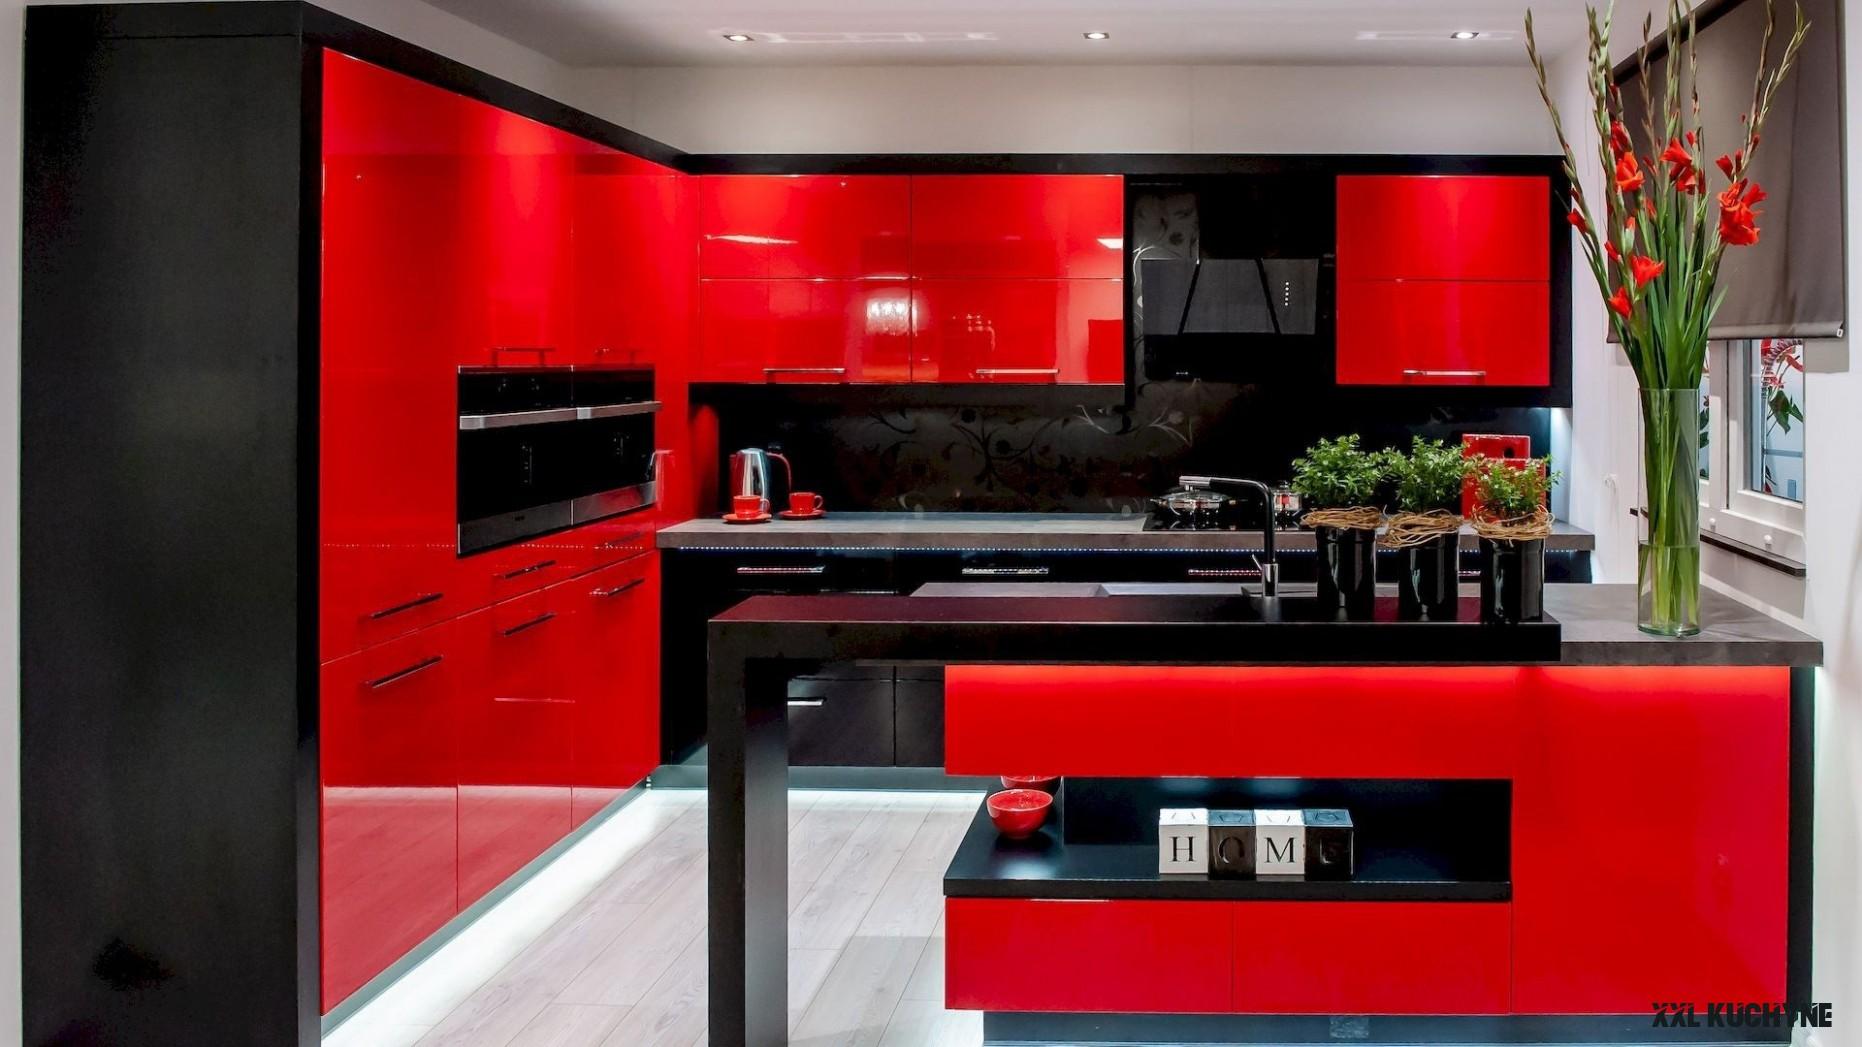 XXL Kuchyně na veletrhu nábytku  Kuchyne na miru – Výrobce kuchyní